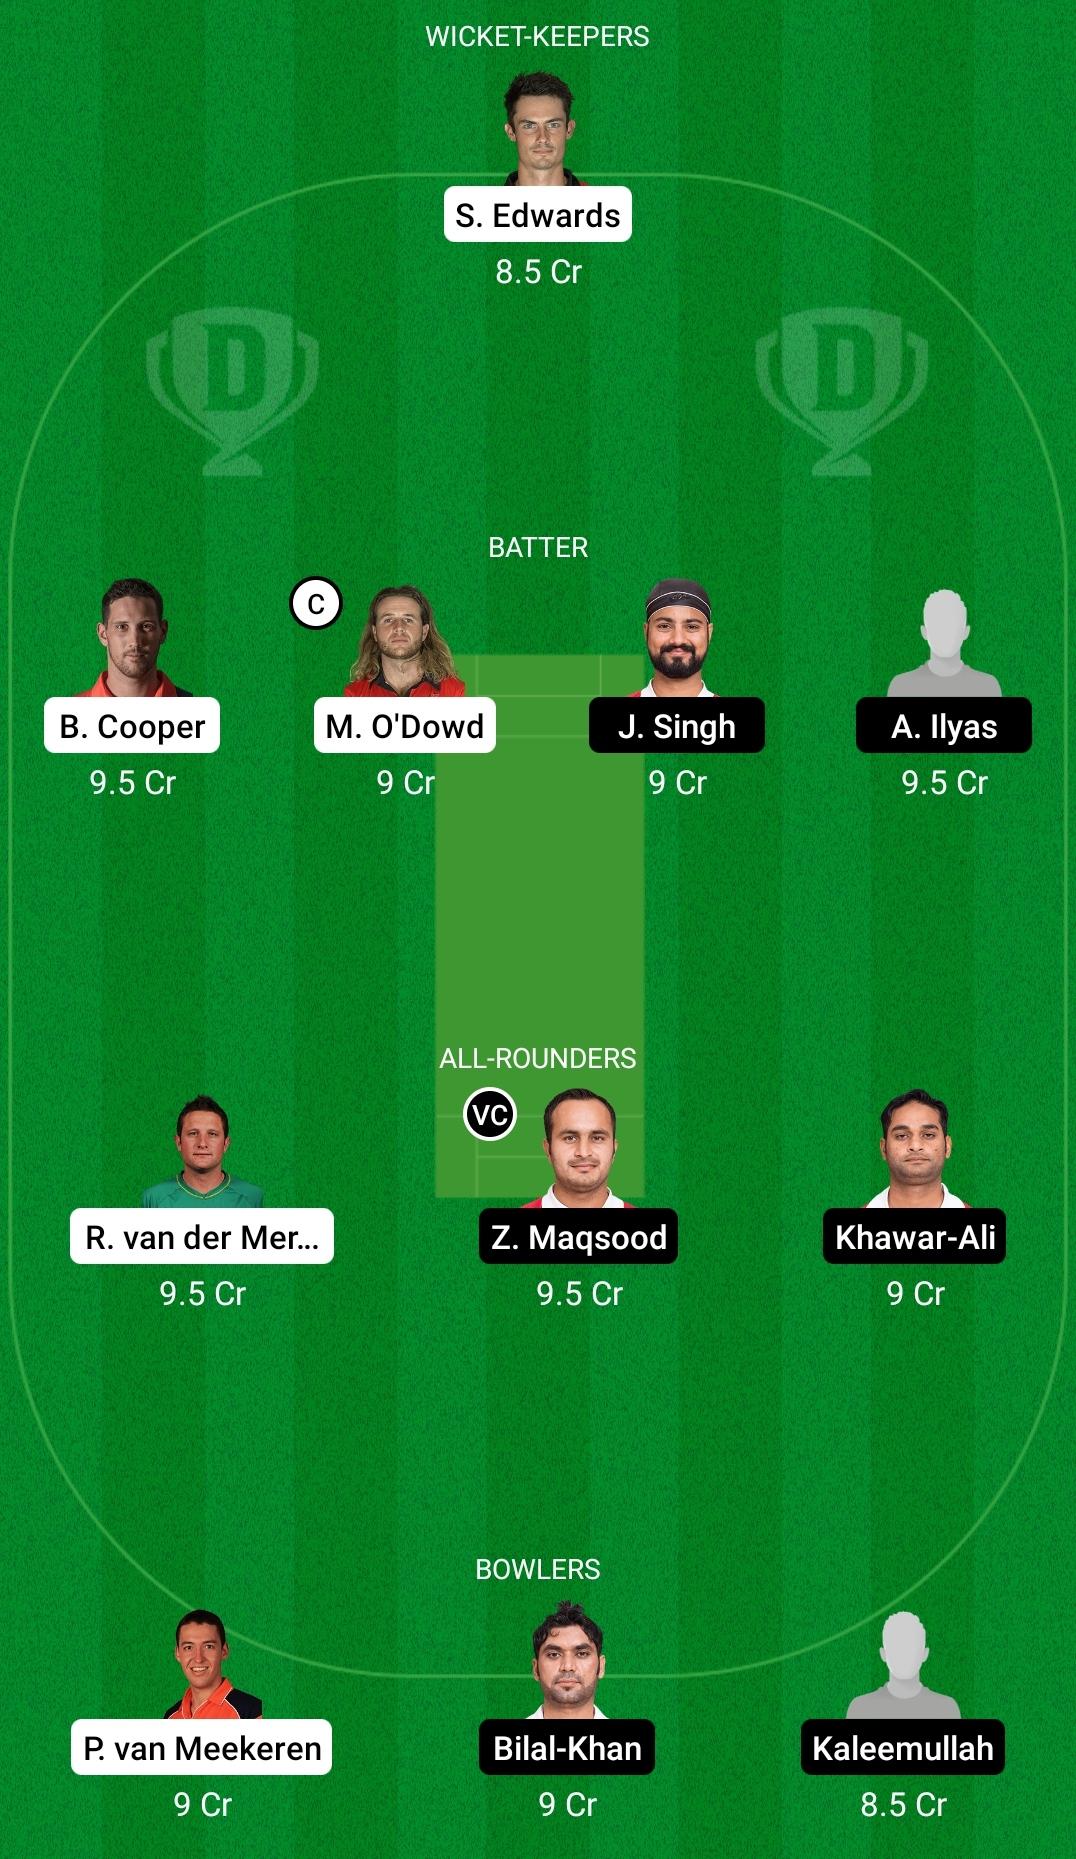 एनईडी बनाम ओएमएन ड्रीम11 भविष्यवाणी काल्पनिक क्रिकेट टिप्स ड्रीम11 टीम आईसीसी विश्व टी20 वार्म अप